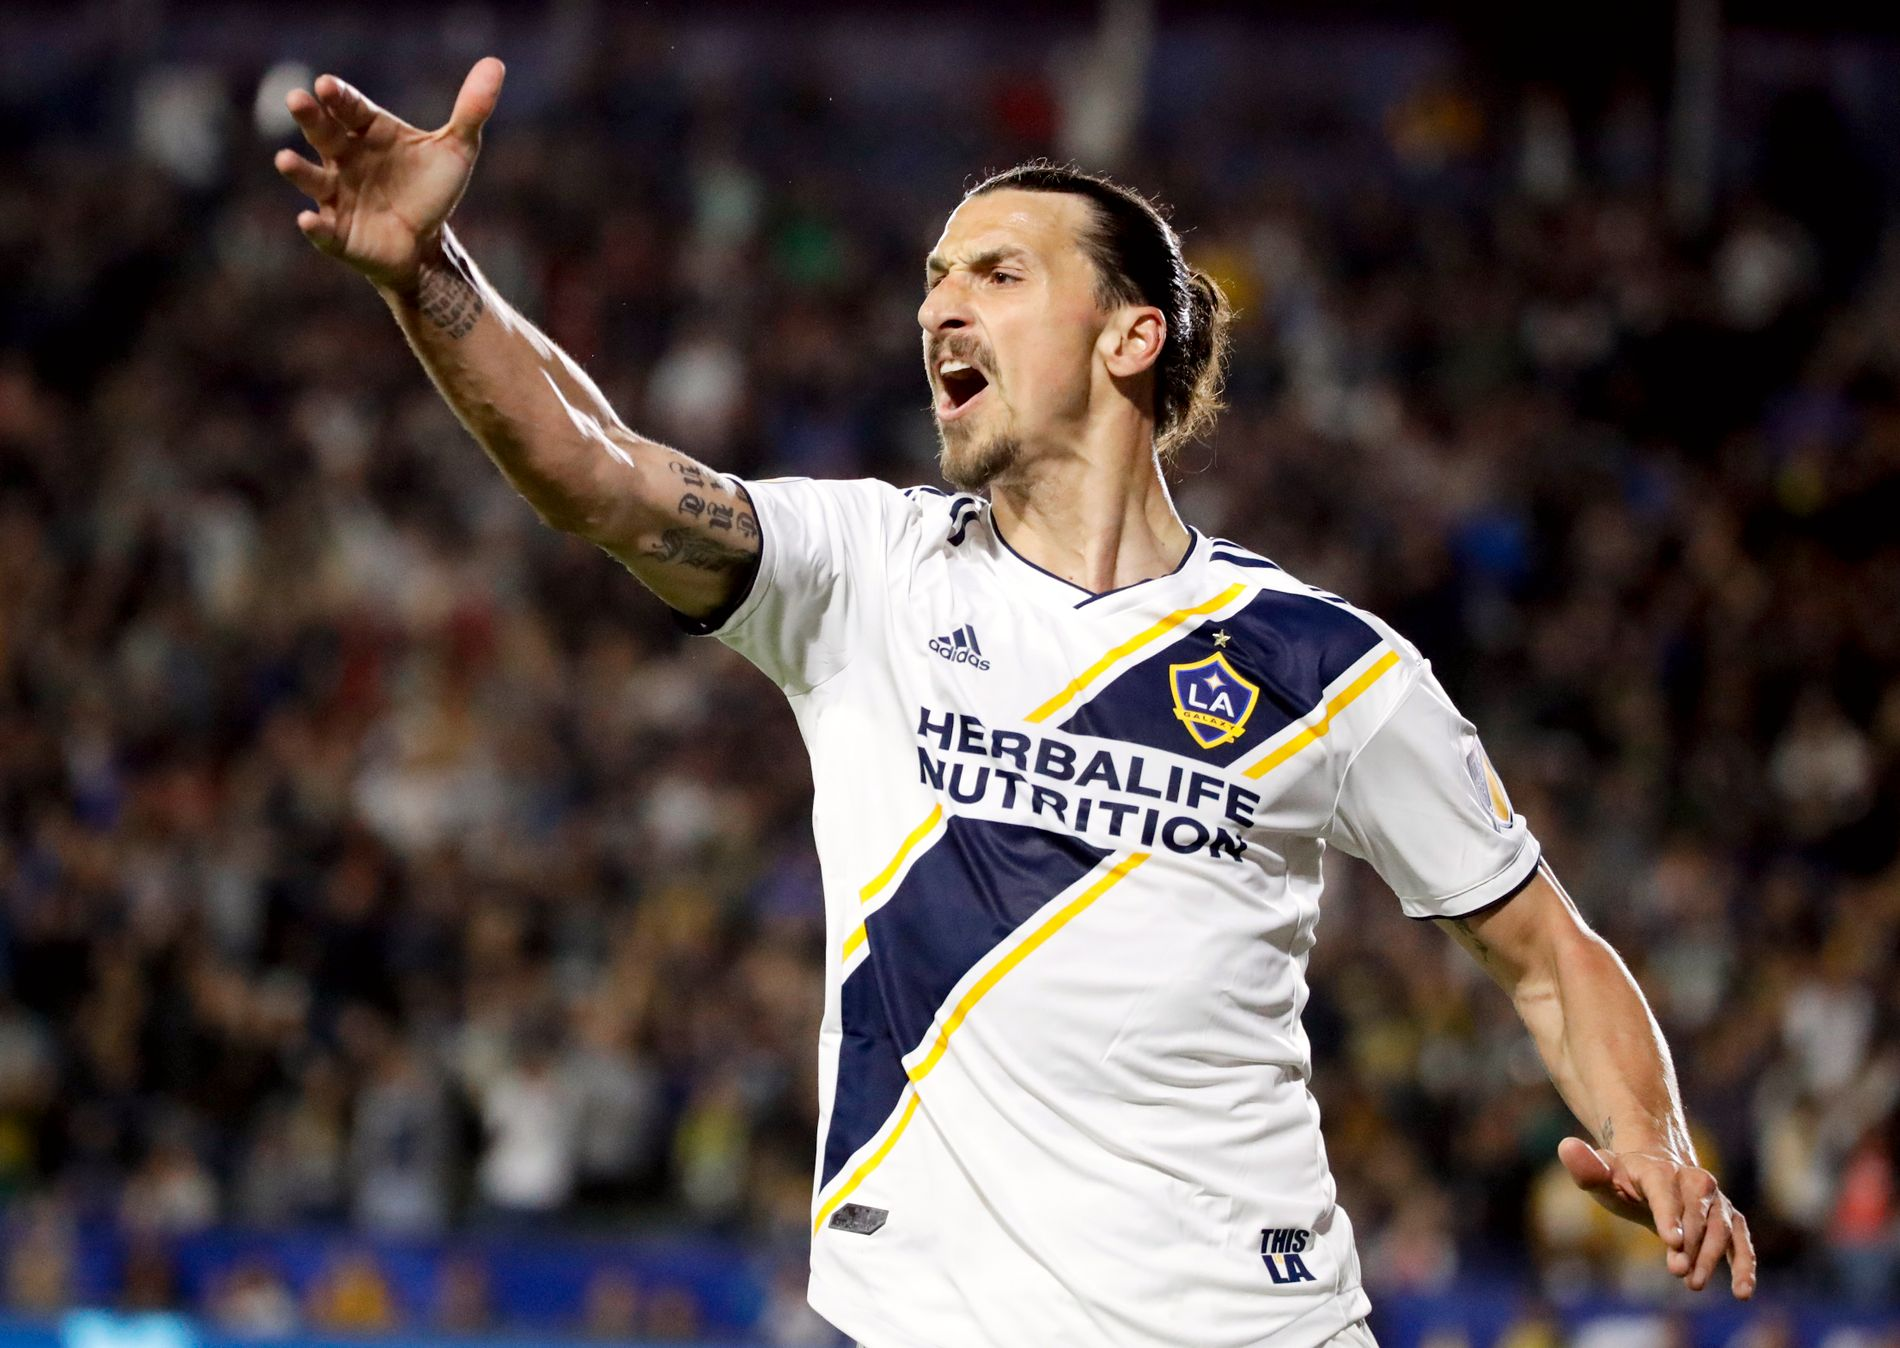 IRRITERT: Zlatan Ibrahimovic var ikke fornøyd da han ble avvinket for offside etter å ha funnet nettmaskene.